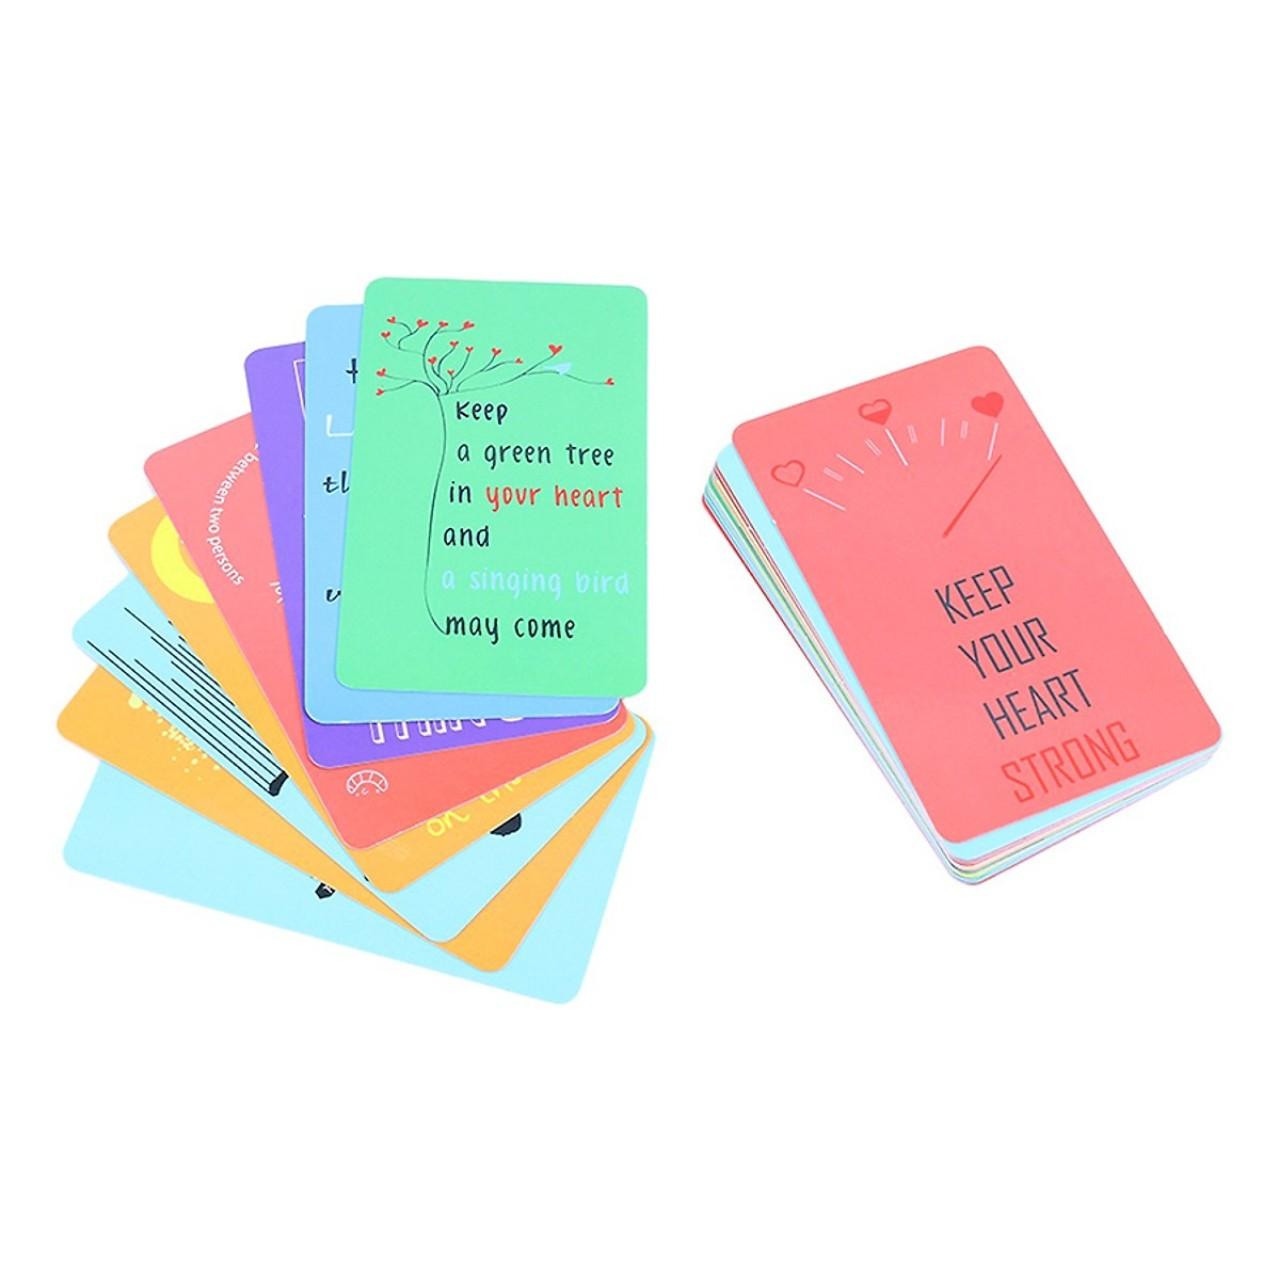 Combo Thông Điệp Cuộc Sống: Sẽ Có Cách, Đừng Lo + Ai Rồi Cũng Khác (Tản Văn Ý Nghĩa Nhất Dành Cho Giới Trẻ / Tặng Kèm Bookmark Green Life)